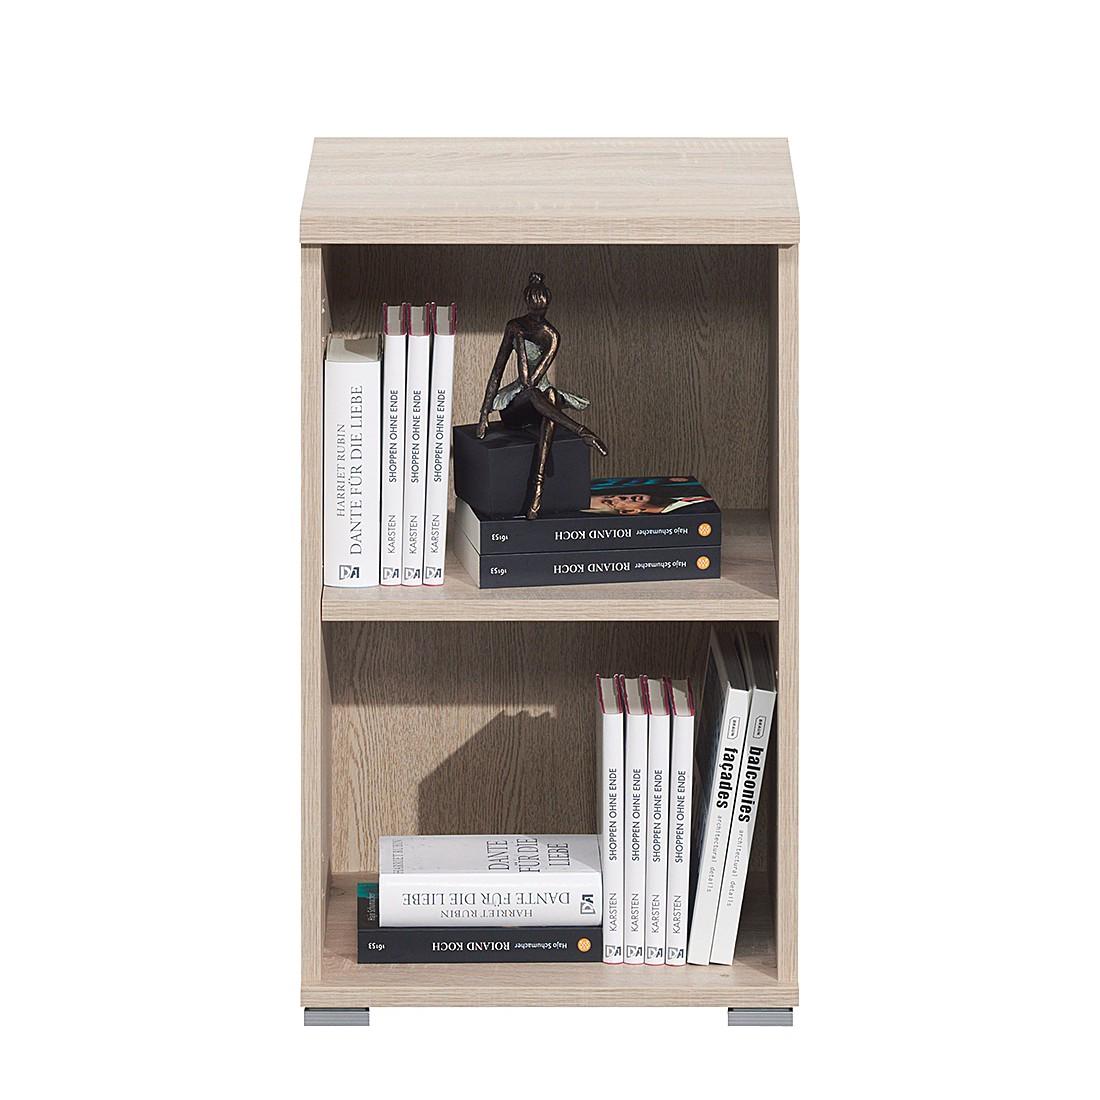 regale archives. Black Bedroom Furniture Sets. Home Design Ideas